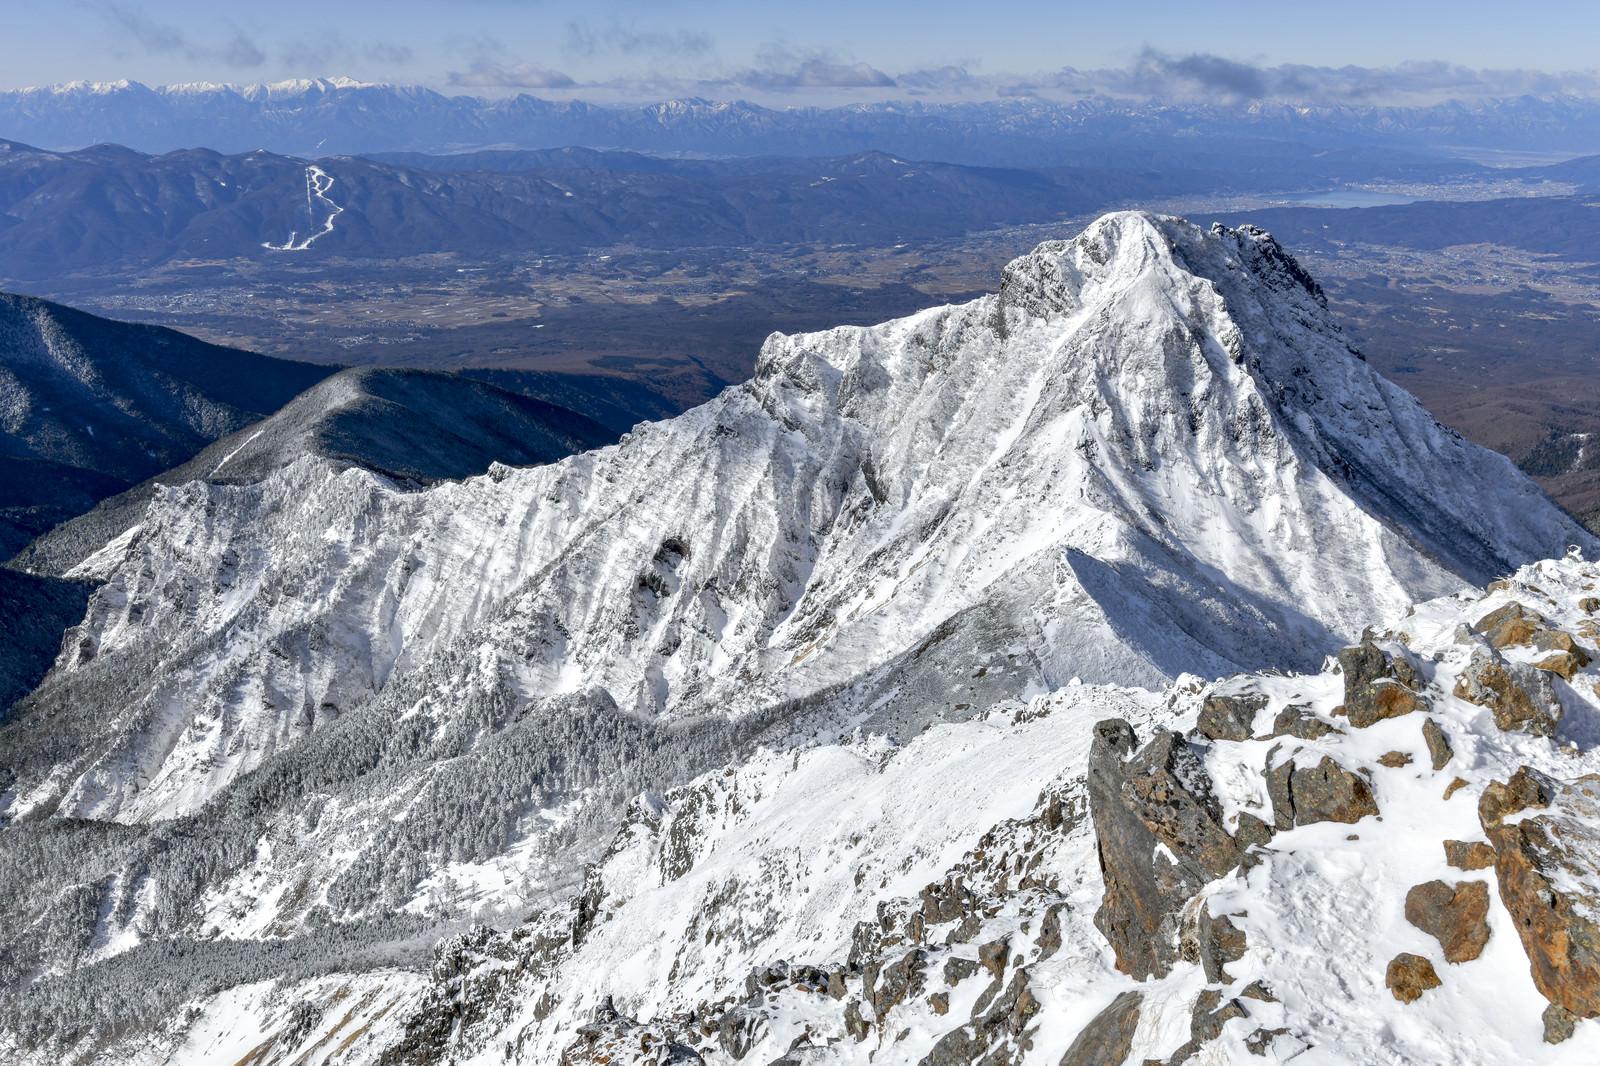 「冬の阿弥陀岳と南アルプスの山々」の写真